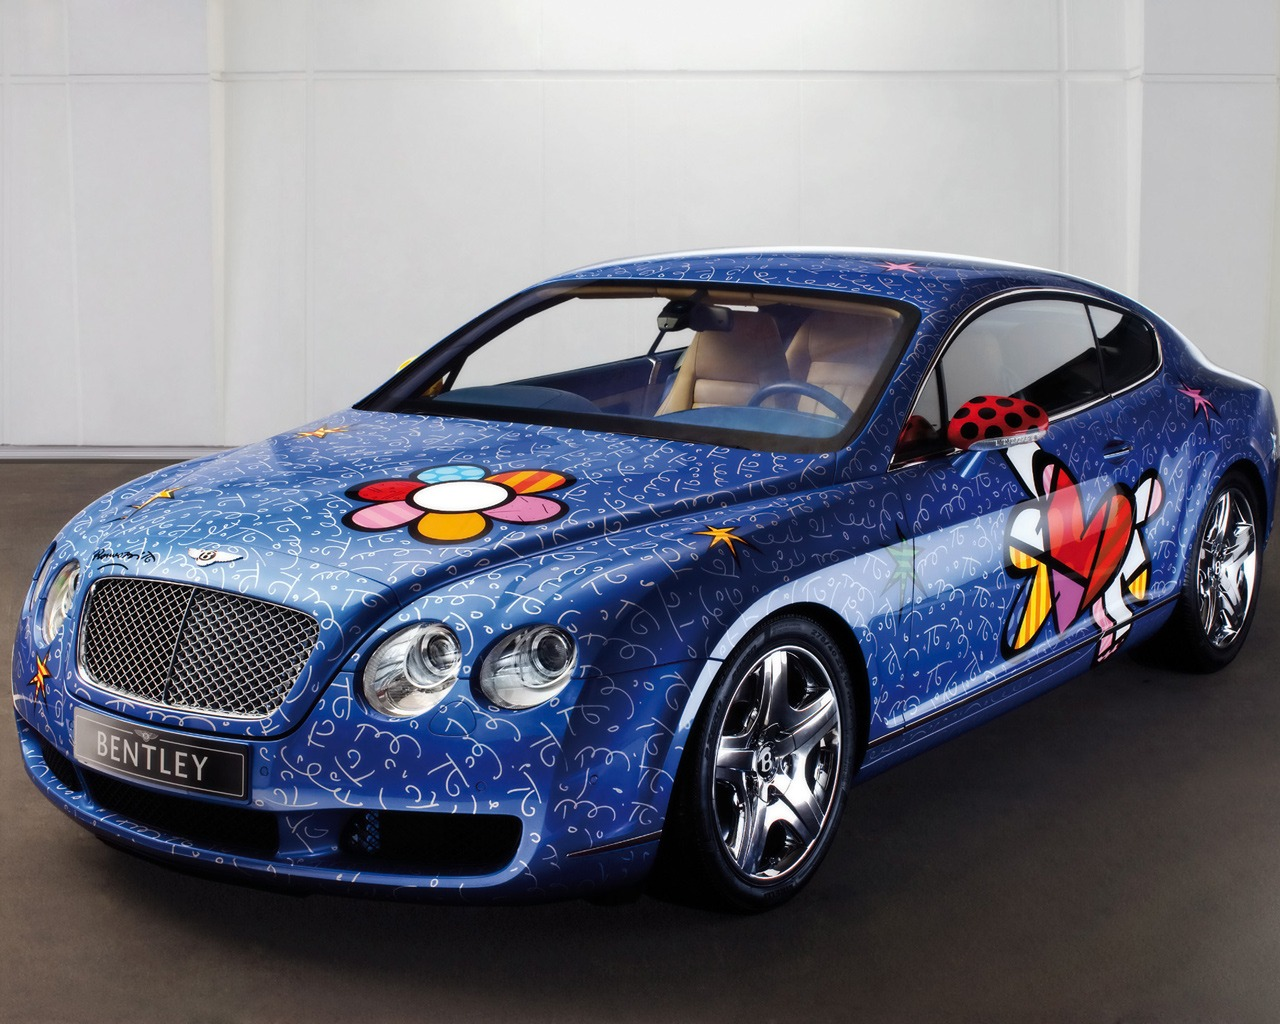 http://3.bp.blogspot.com/-fgi2ELsnFqU/Tq3hNZKOaiI/AAAAAAAACq8/4qS0E7bq_WA/s1600/bentley_for_girls_wallpaper_bentley_cars_wallpaper_1280_1024_2198.jpg